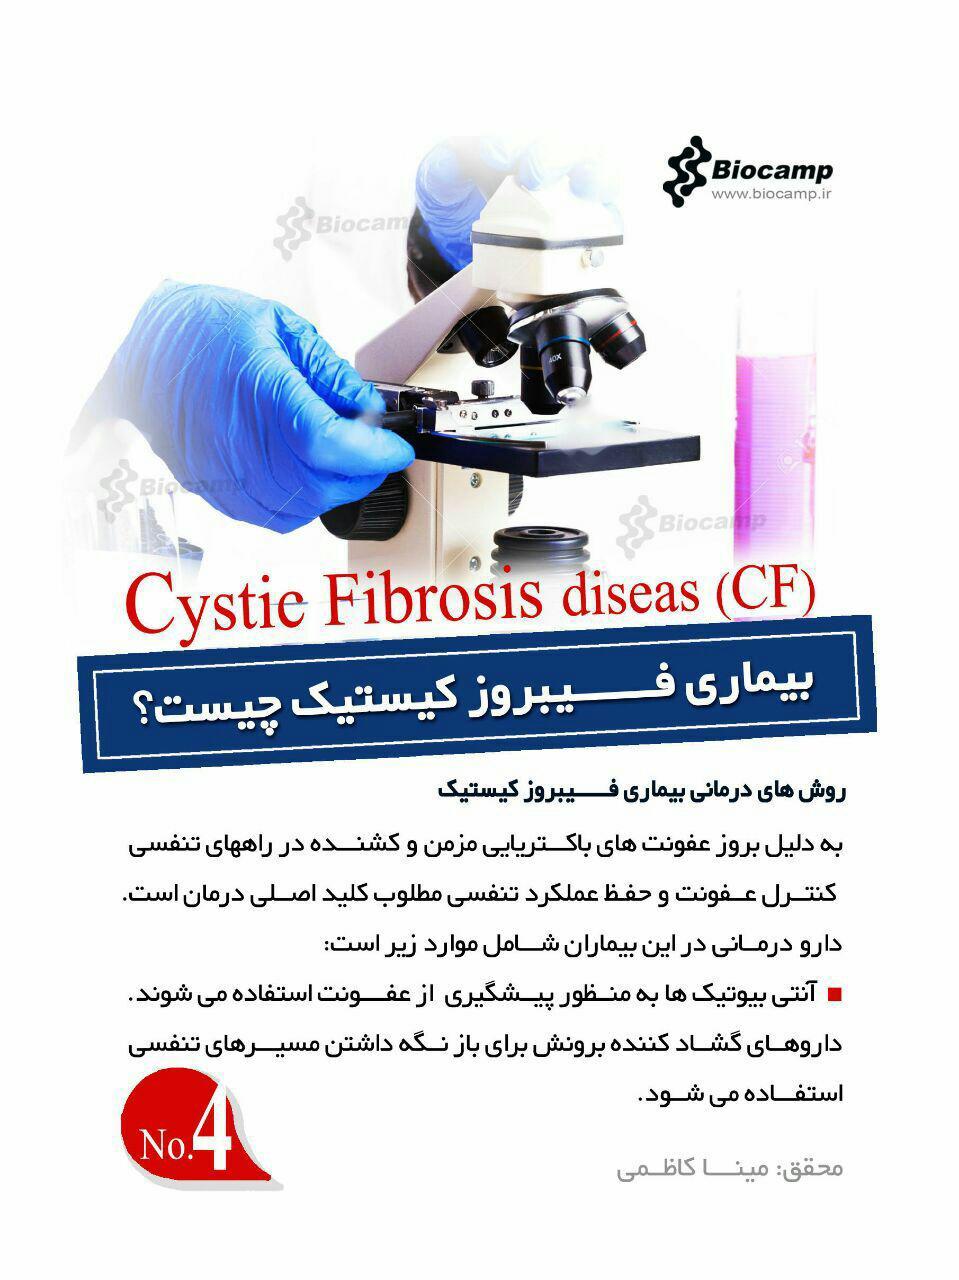 بیماری فیبروز کیستیک Cystic Fibrosis بیماری فیبروز کیستیک چیست؟ بیماری فیبروز کیستیک چیست؟ photo 2016 09 01 17 52 05